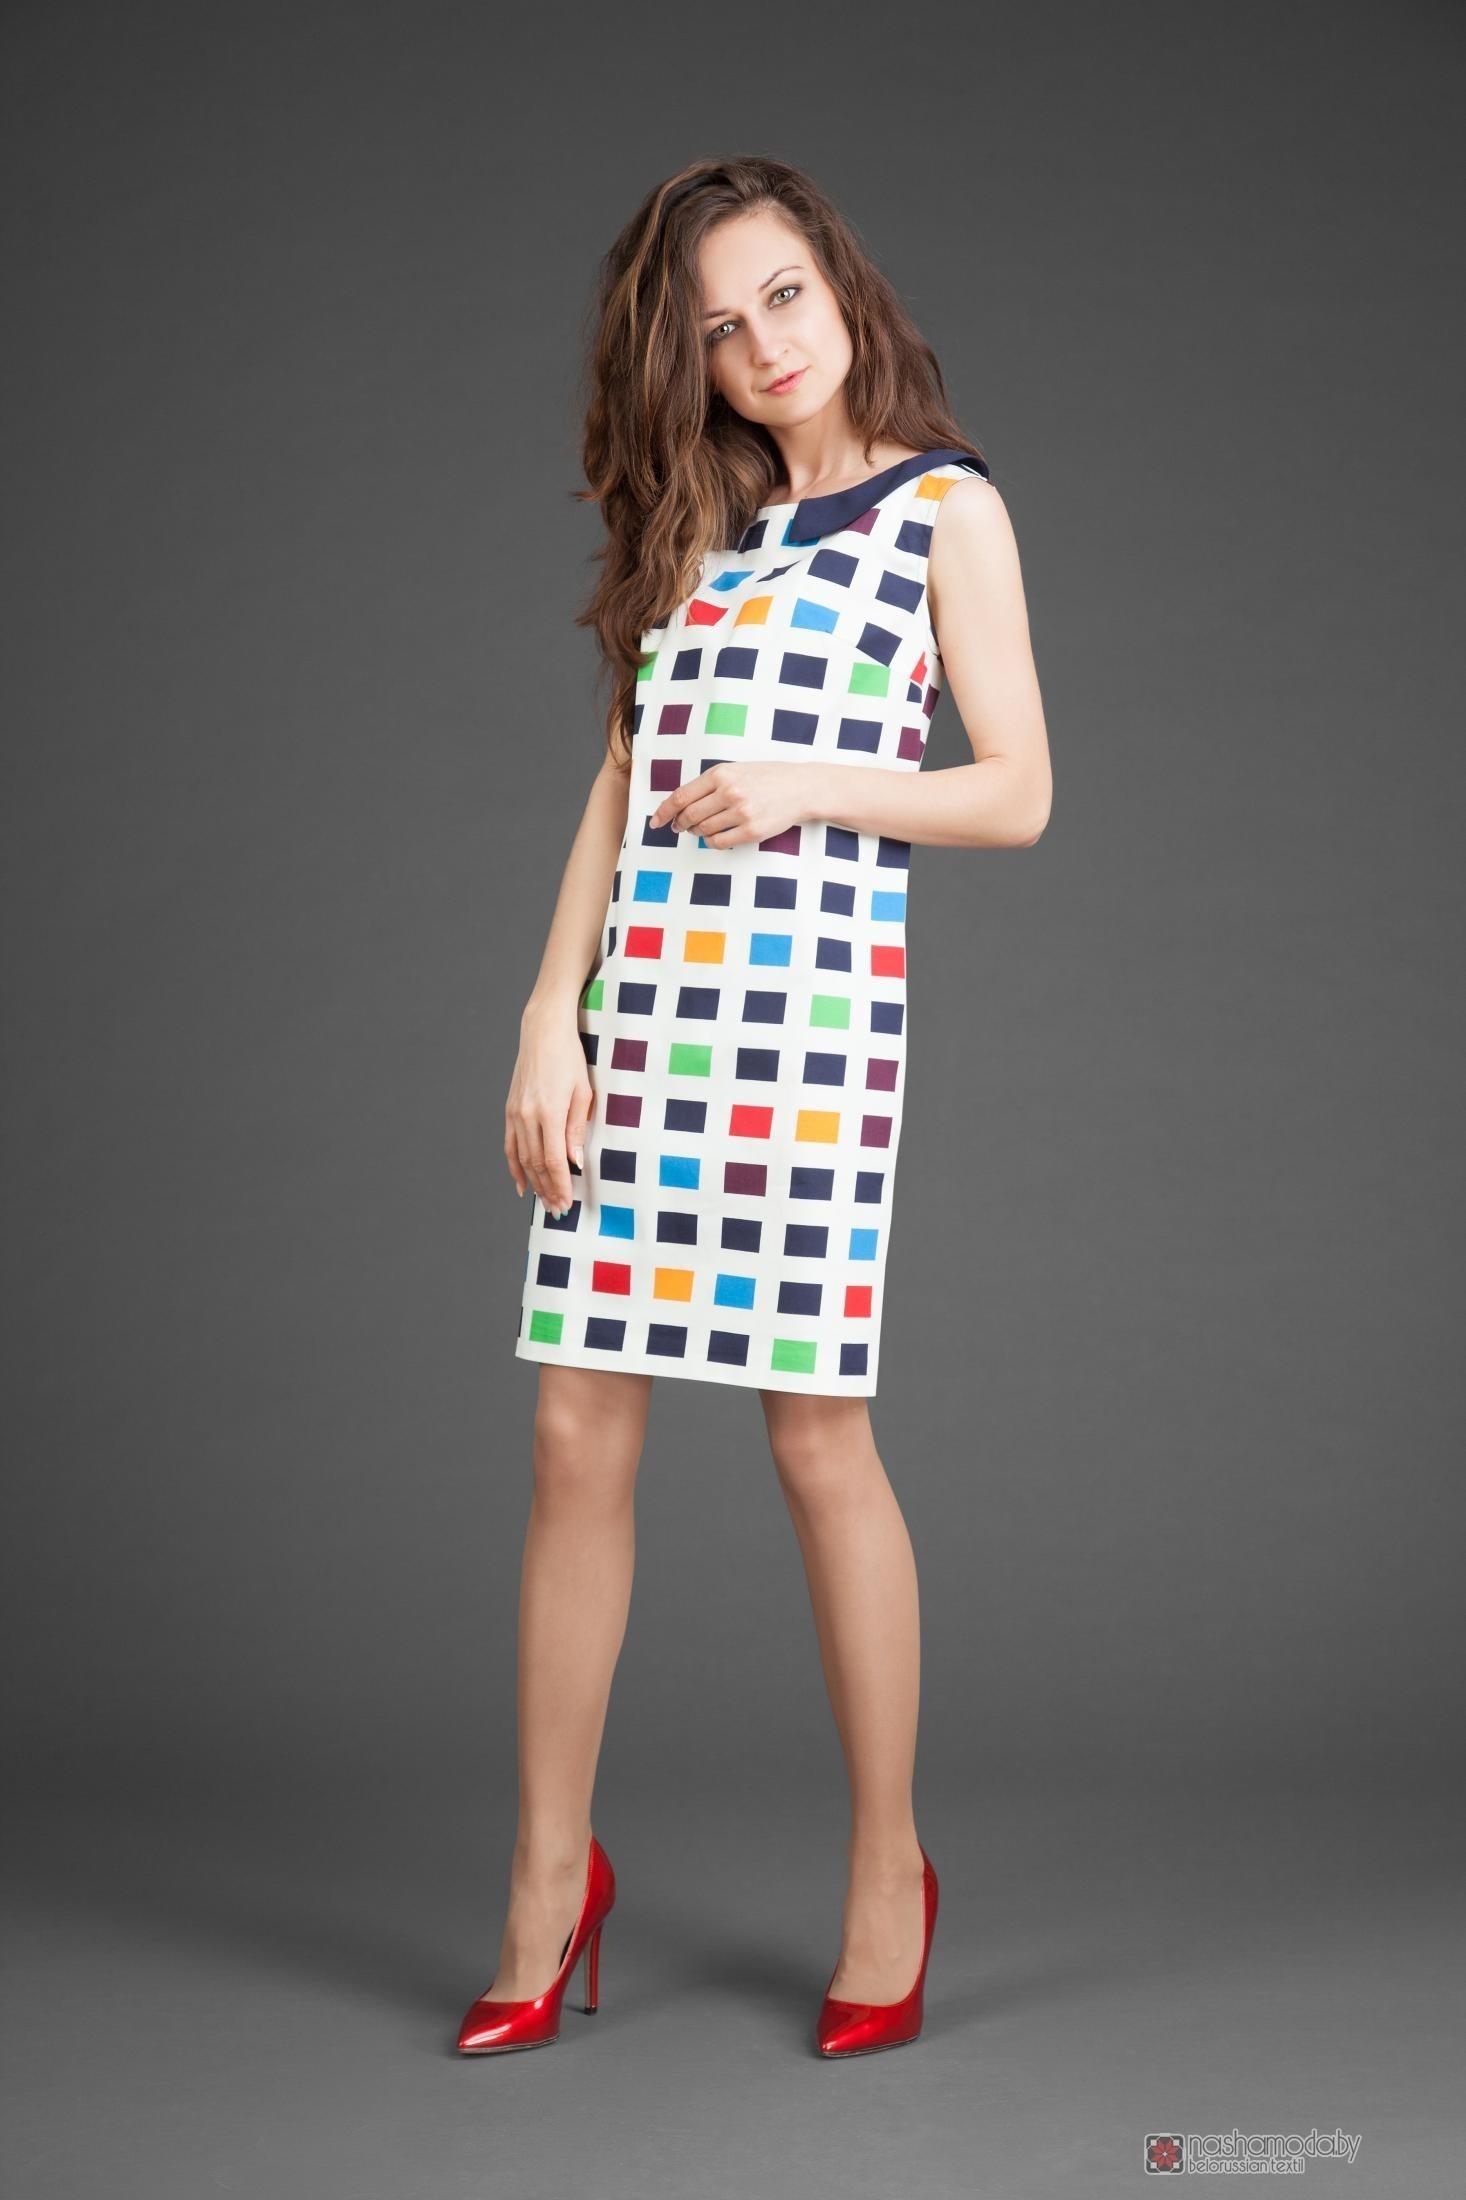 b7daff3341e Летние платья Elpaiz 240 цветные квадраты.